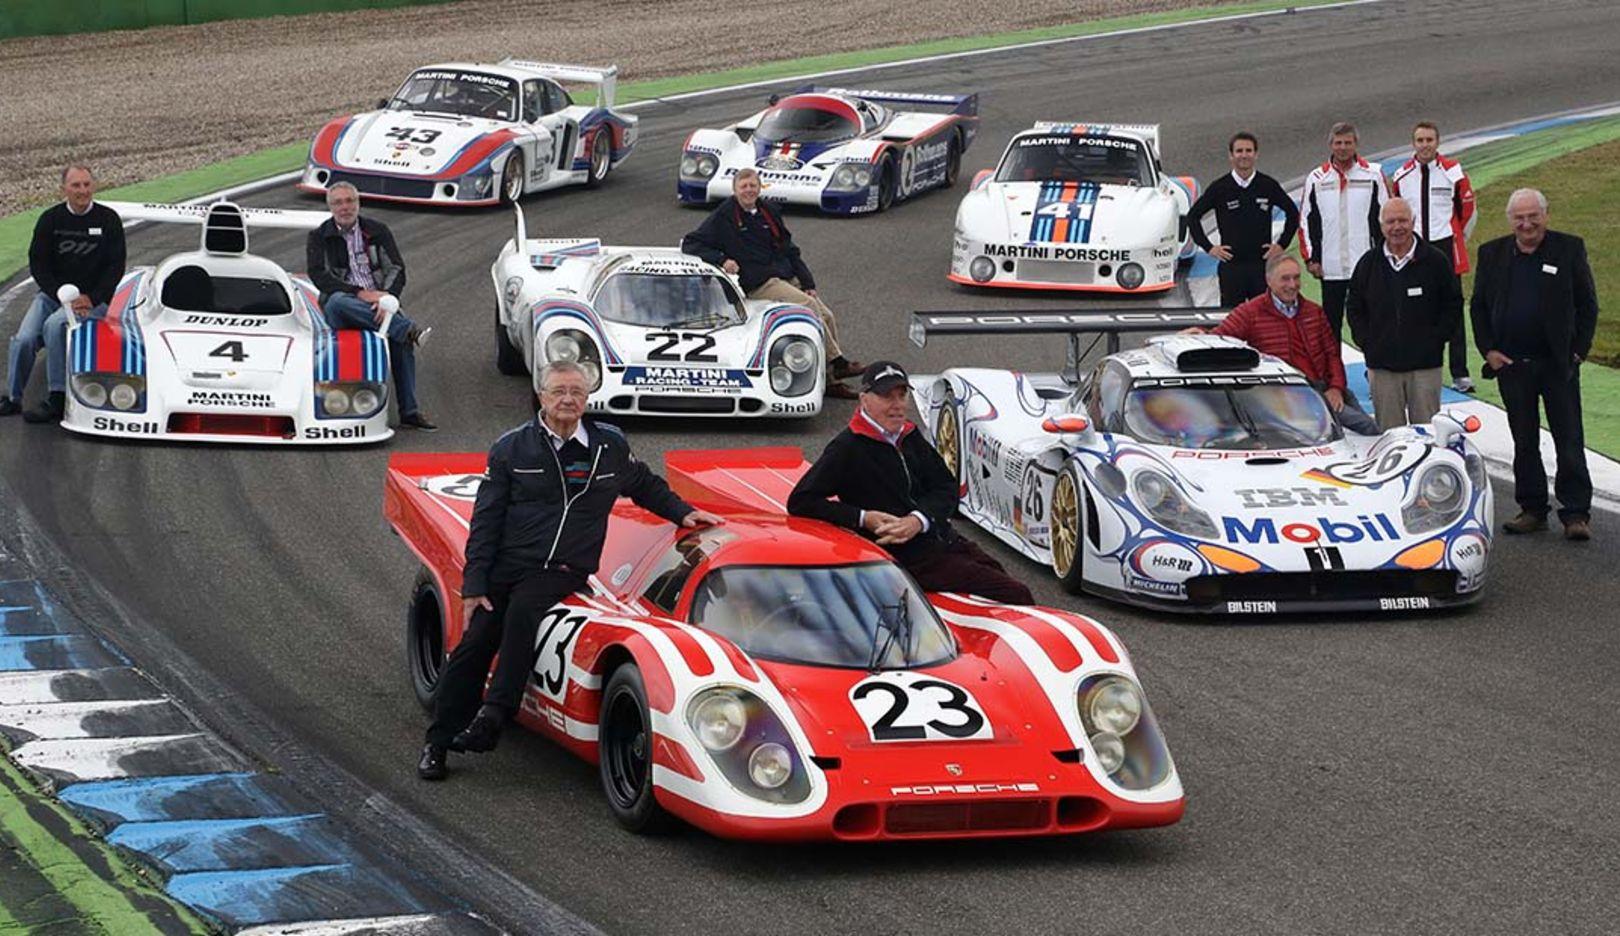 Porsche-Legenden, Le Mans, 2014, Porsche AG